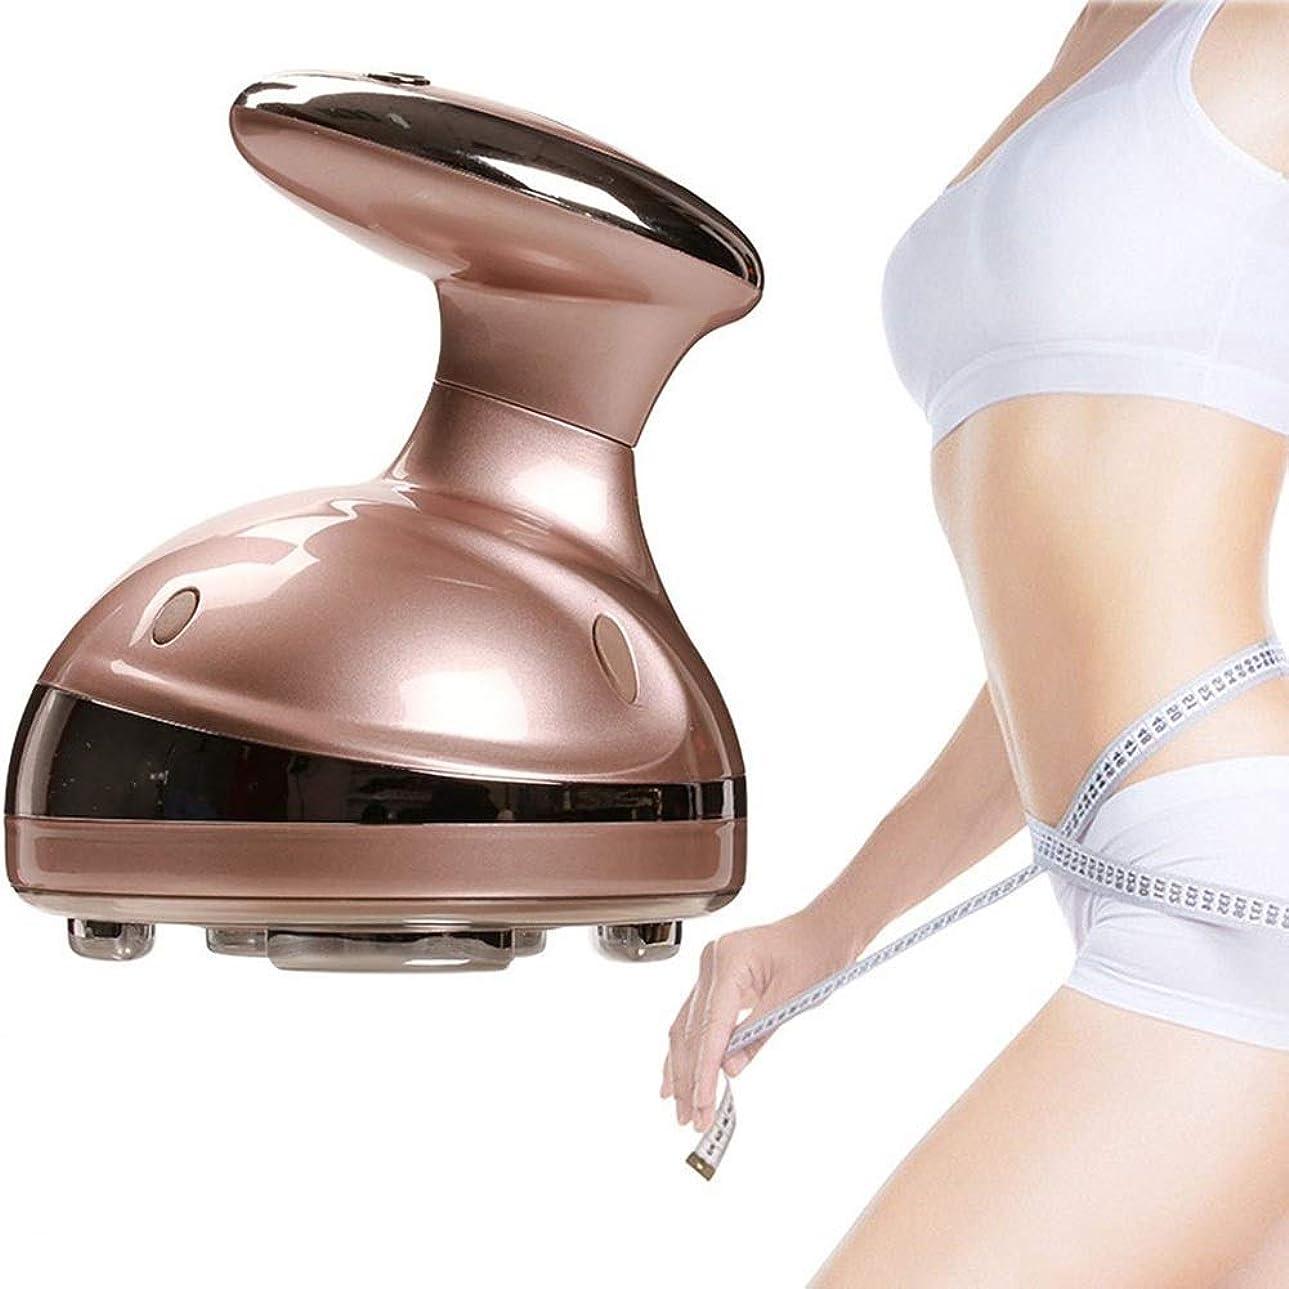 傷跡提案促進する超音波脂肪除去機、RF脂肪燃焼振動整形美容器具脂肪除去体重減少デバイス、LEDフォトンアンチセルライト痩身ボディ美容院